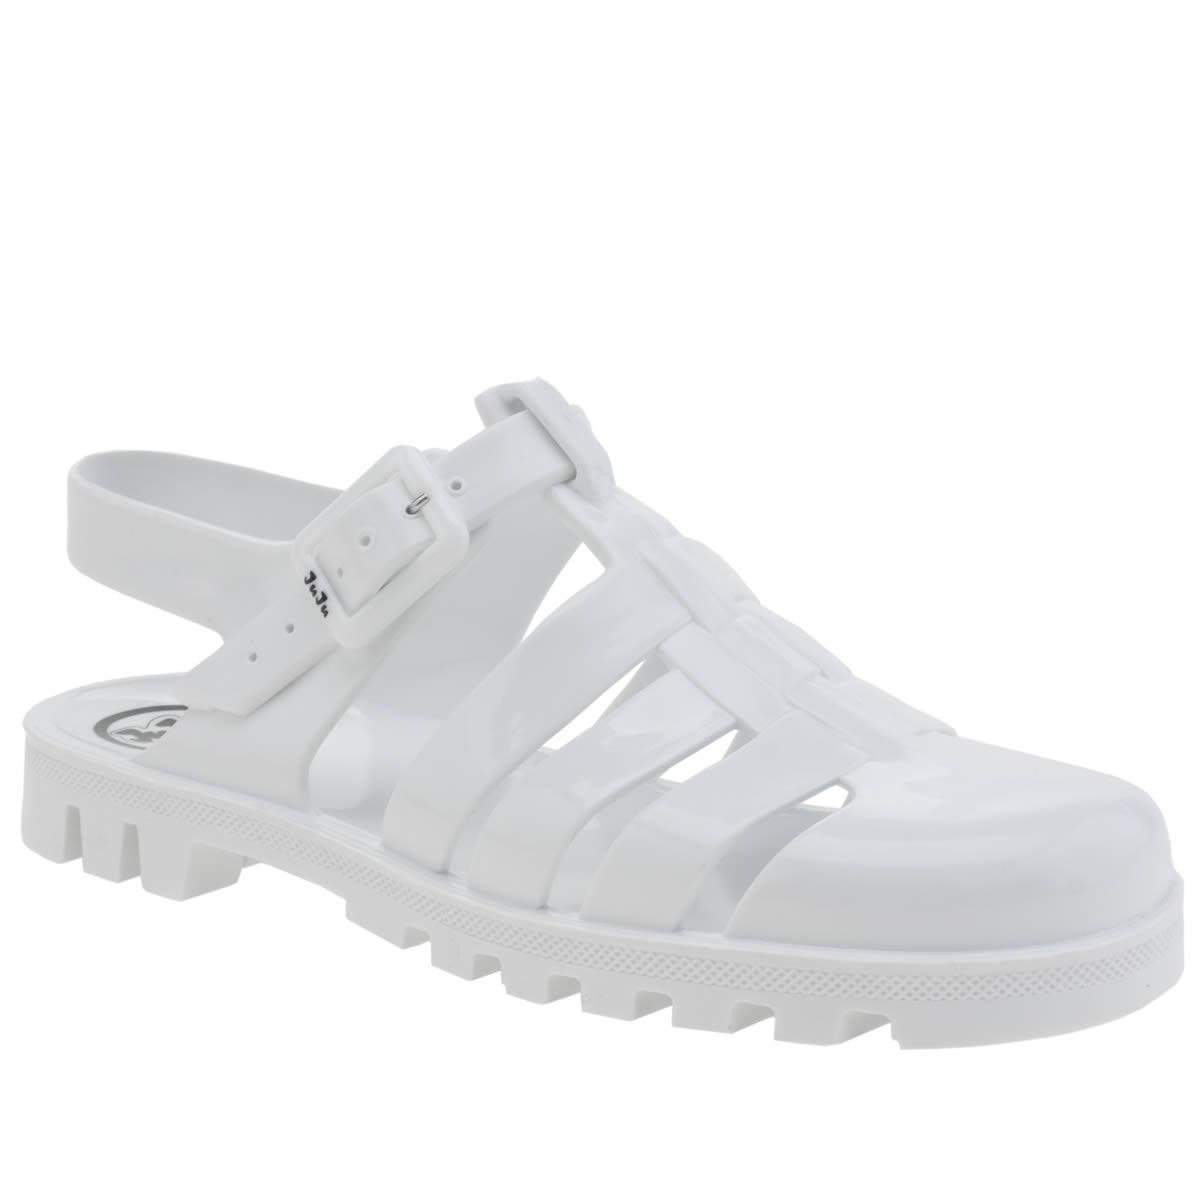 juju jellies Juju Jellies White Maxi Sandals